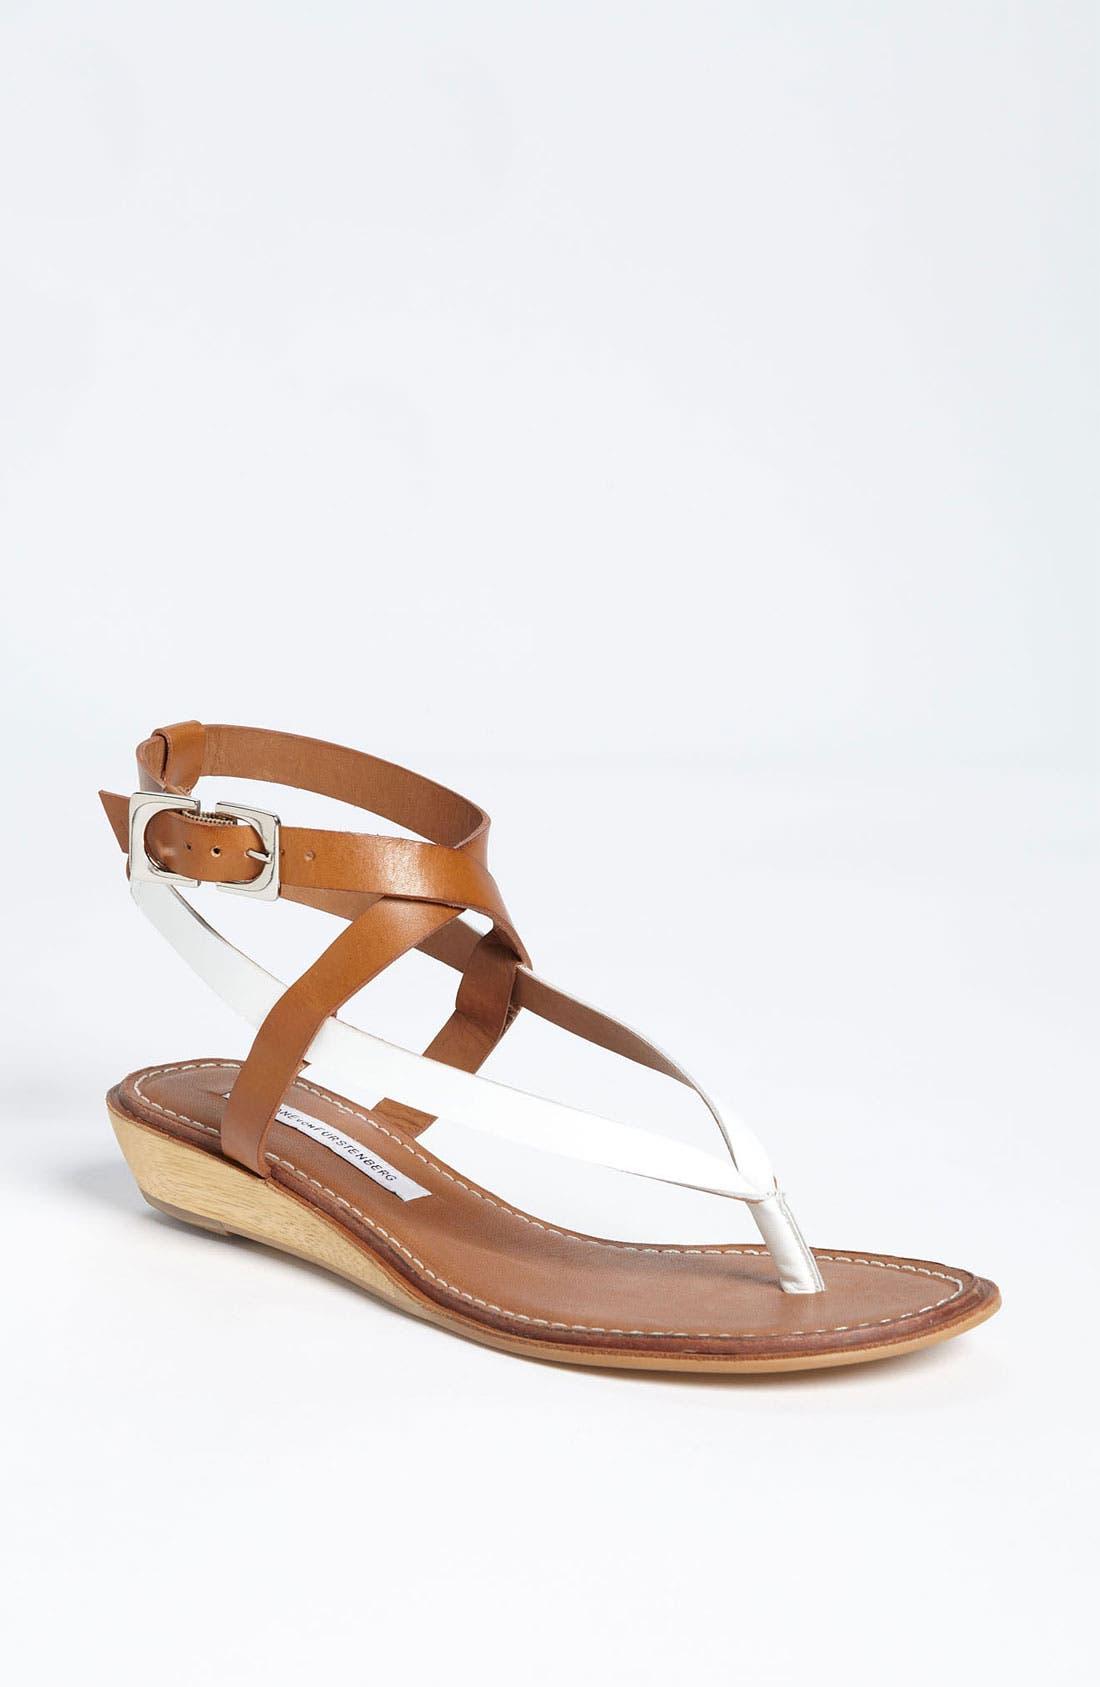 Main Image - Diane von Furstenberg 'Dottie' Sandal (Online Only)